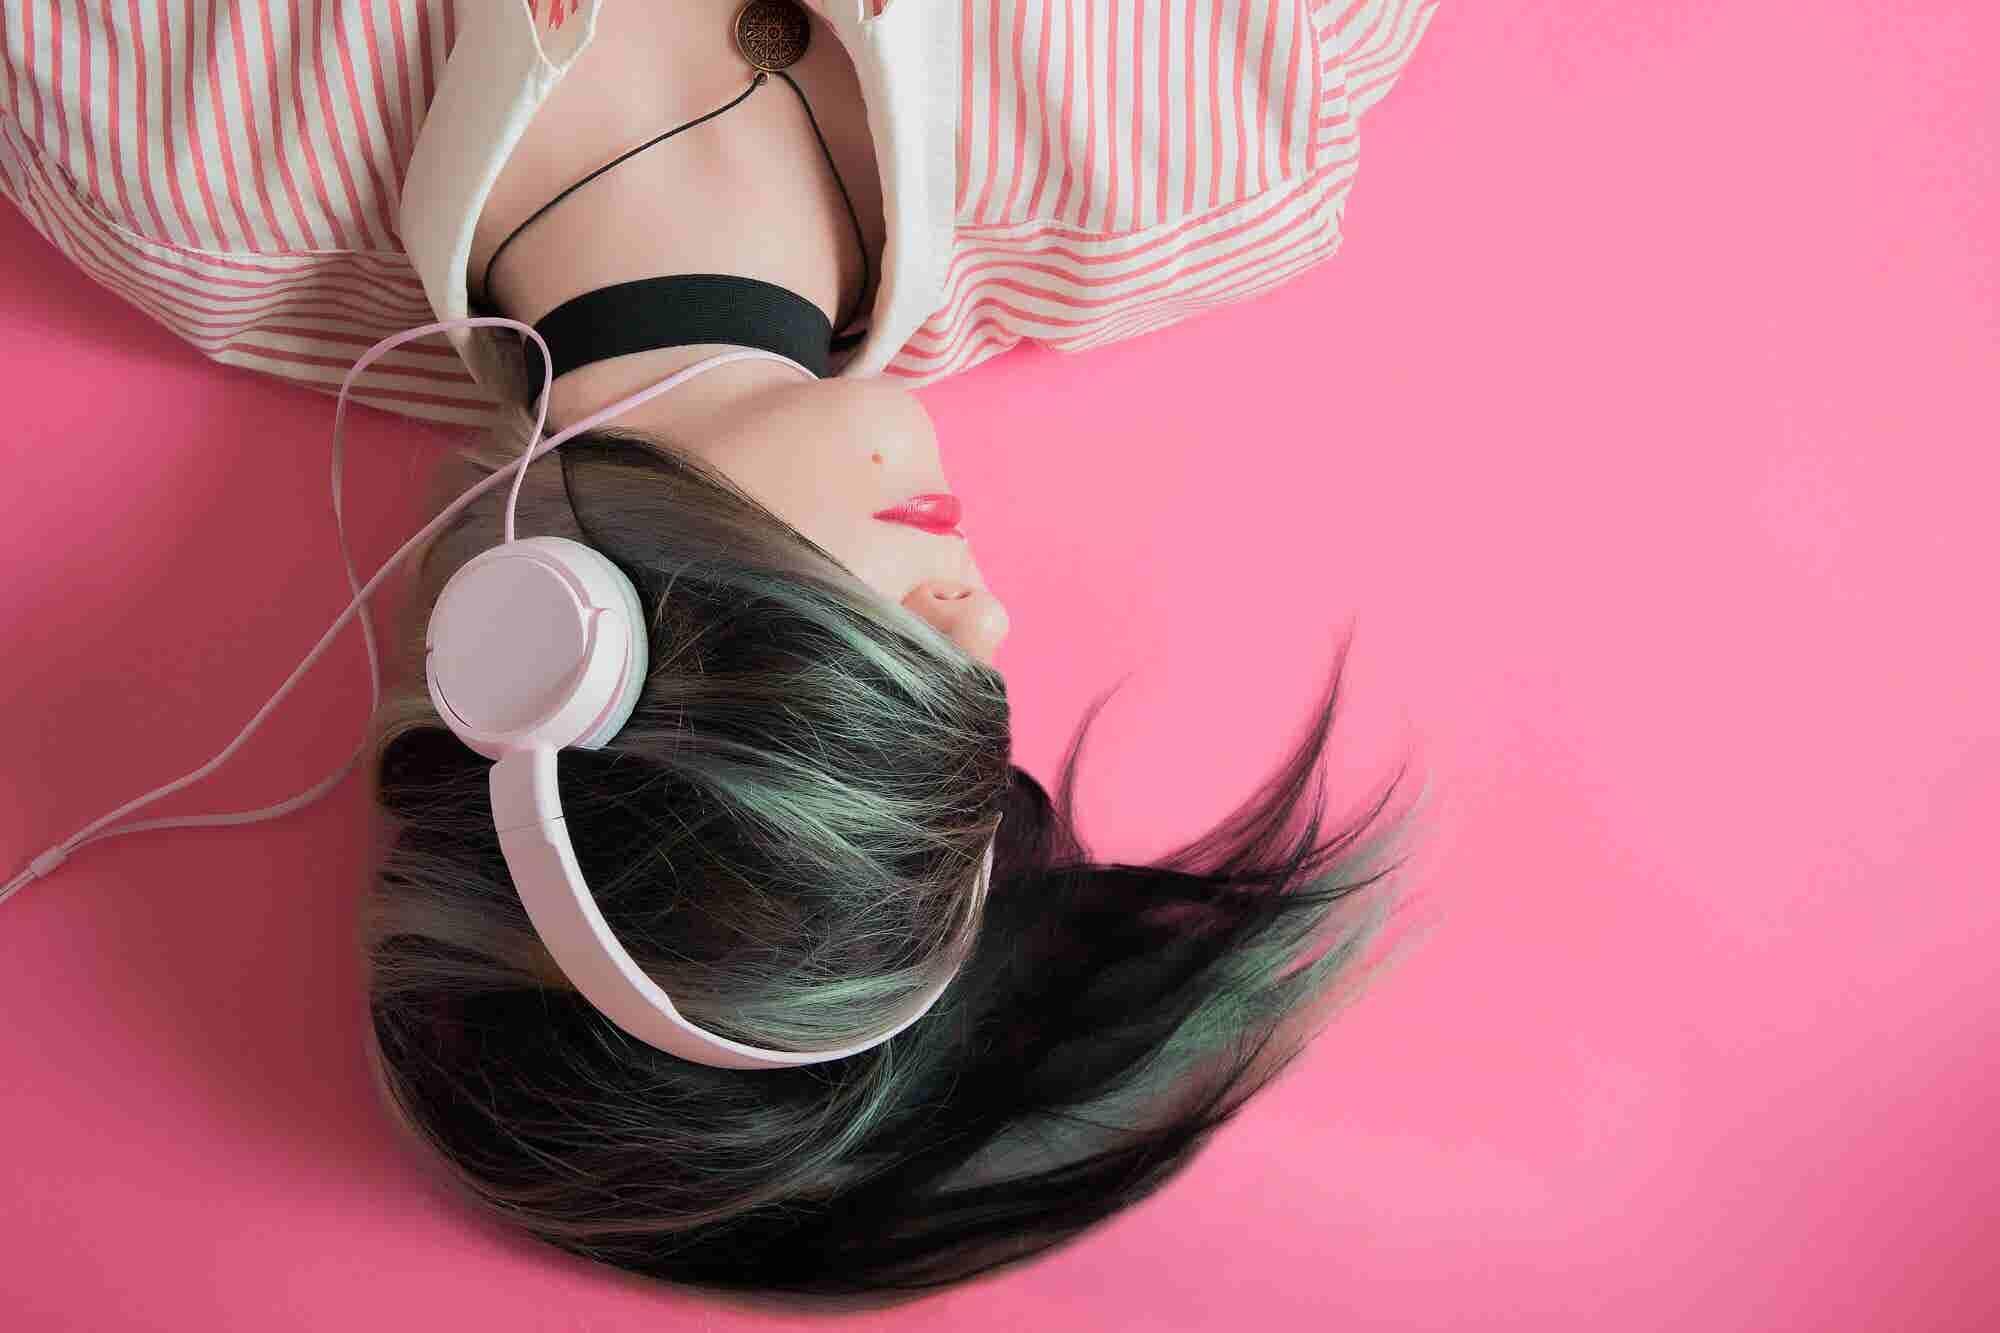 How India's Millennials, Smartphones will Awaken the Music Industry's 'Sleeping Giant'